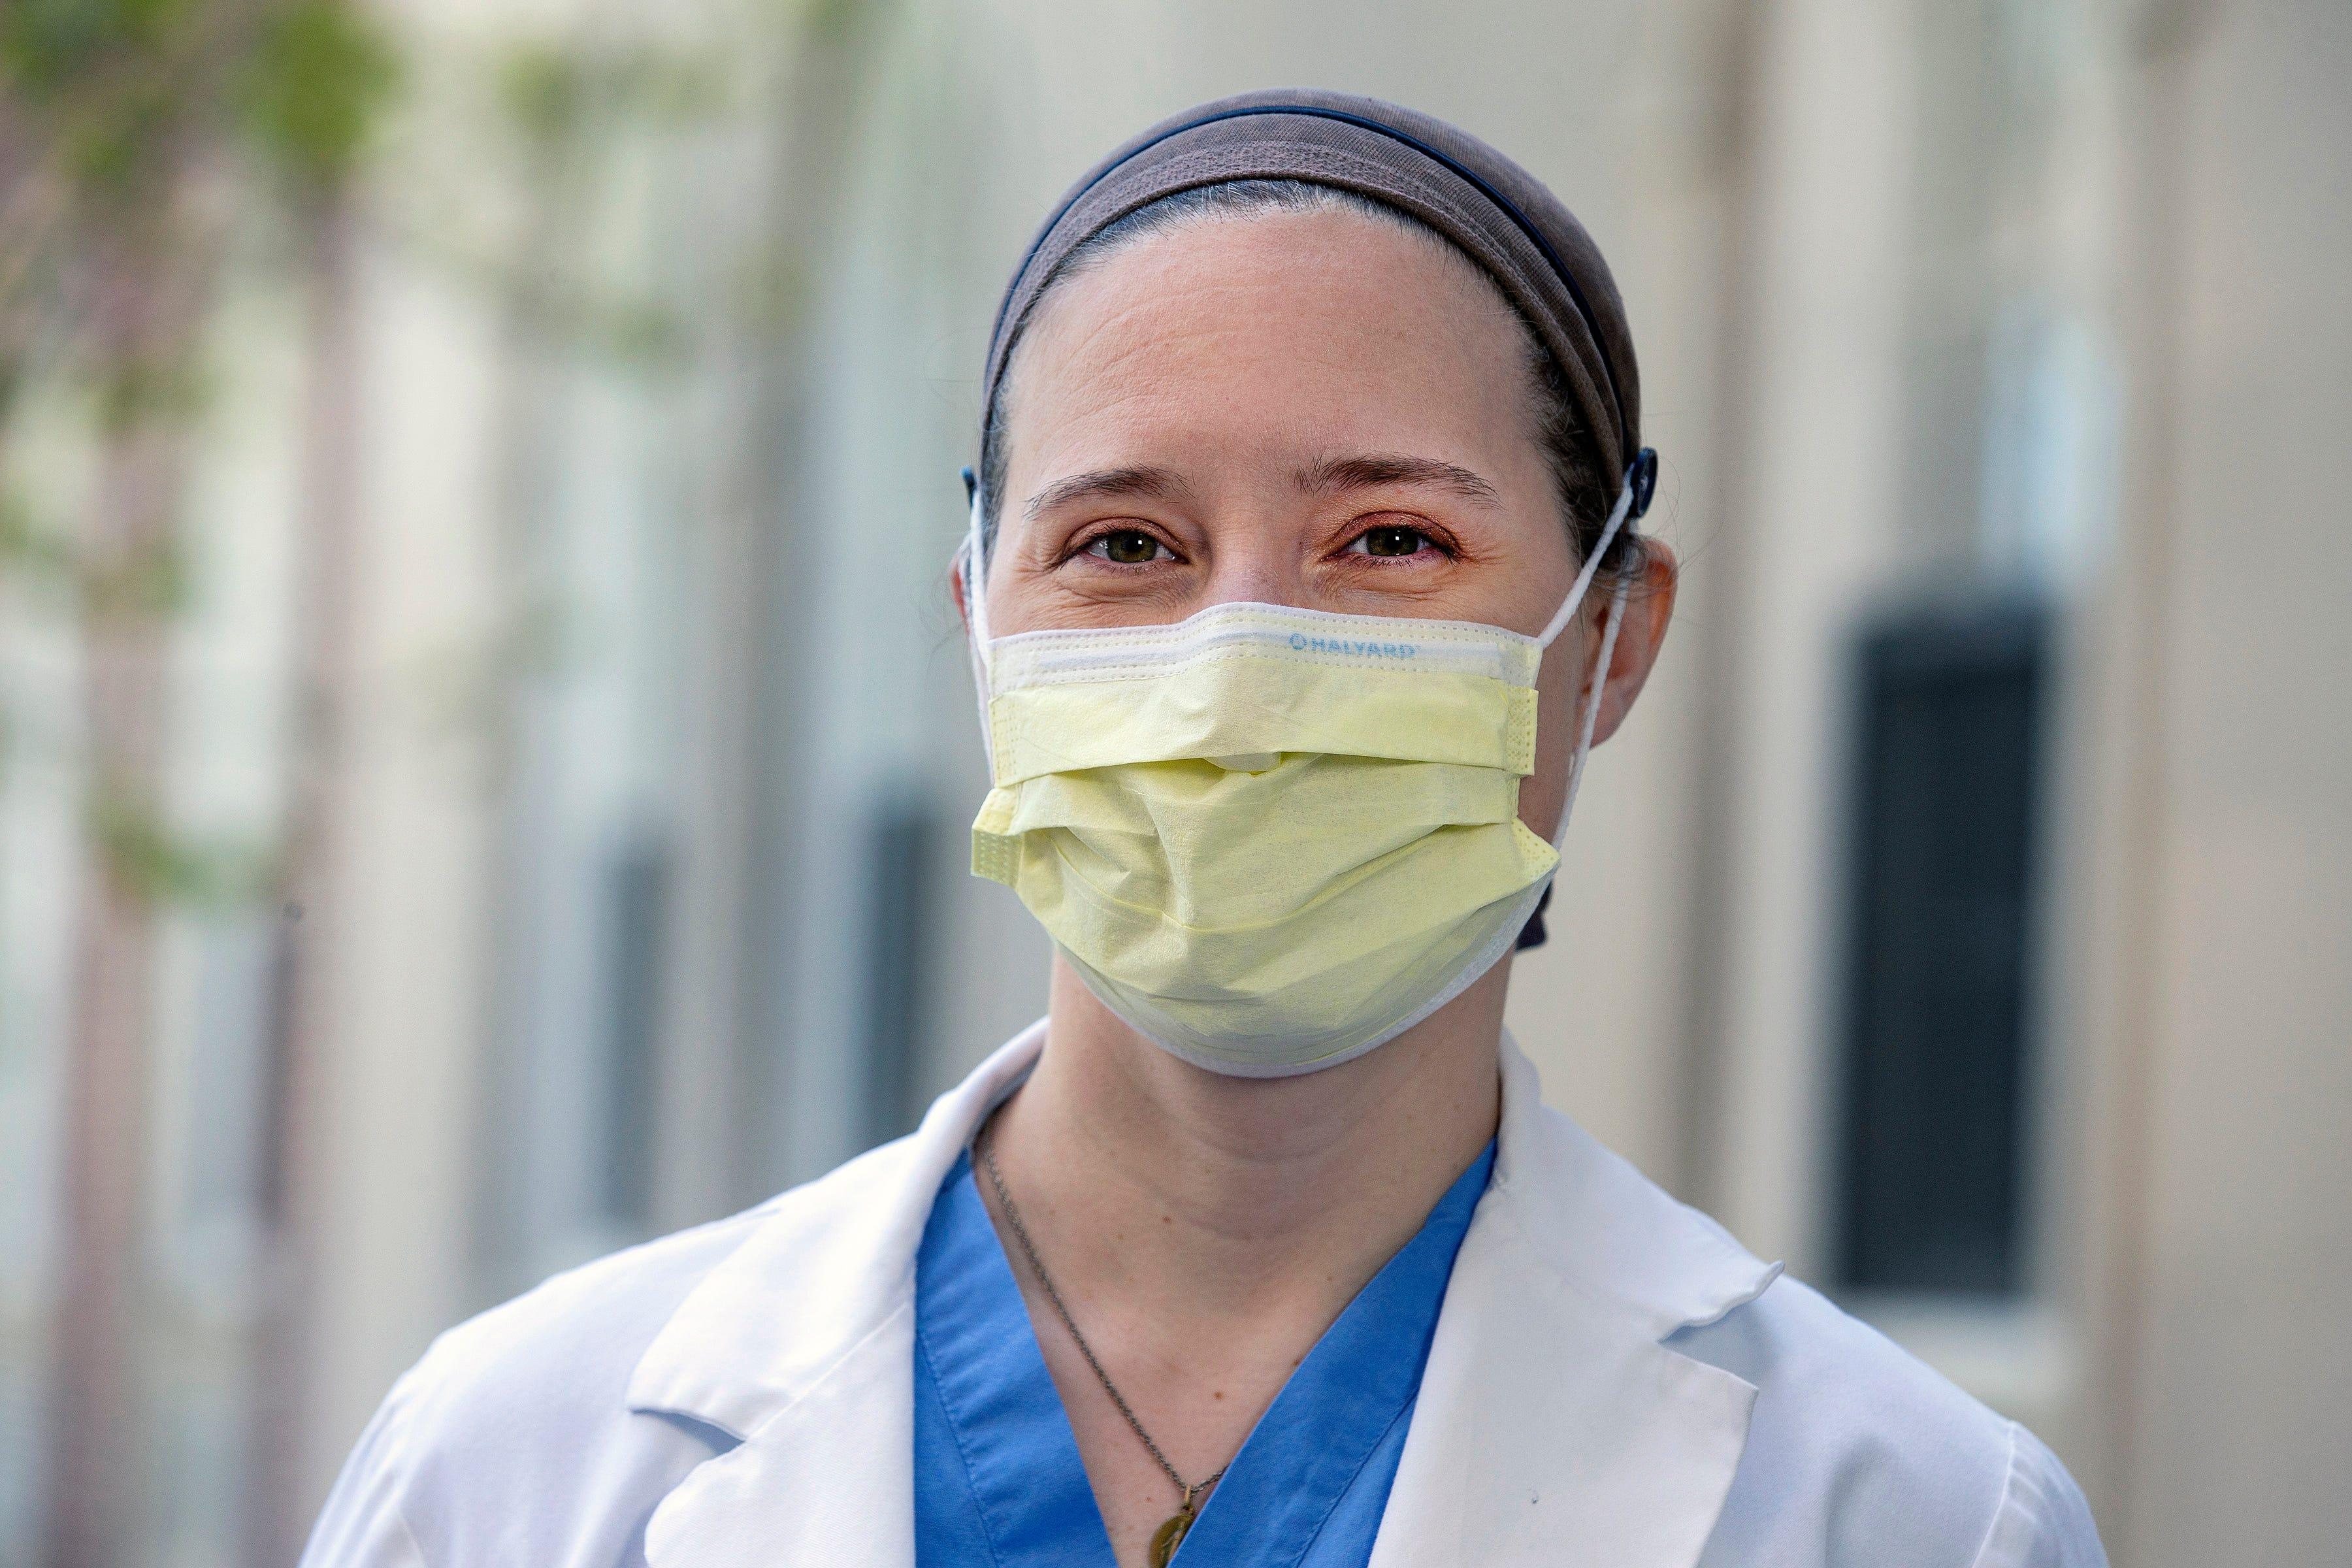 Dr. Violet Kramer, assistant director of ICU, Monmouth Medical Center